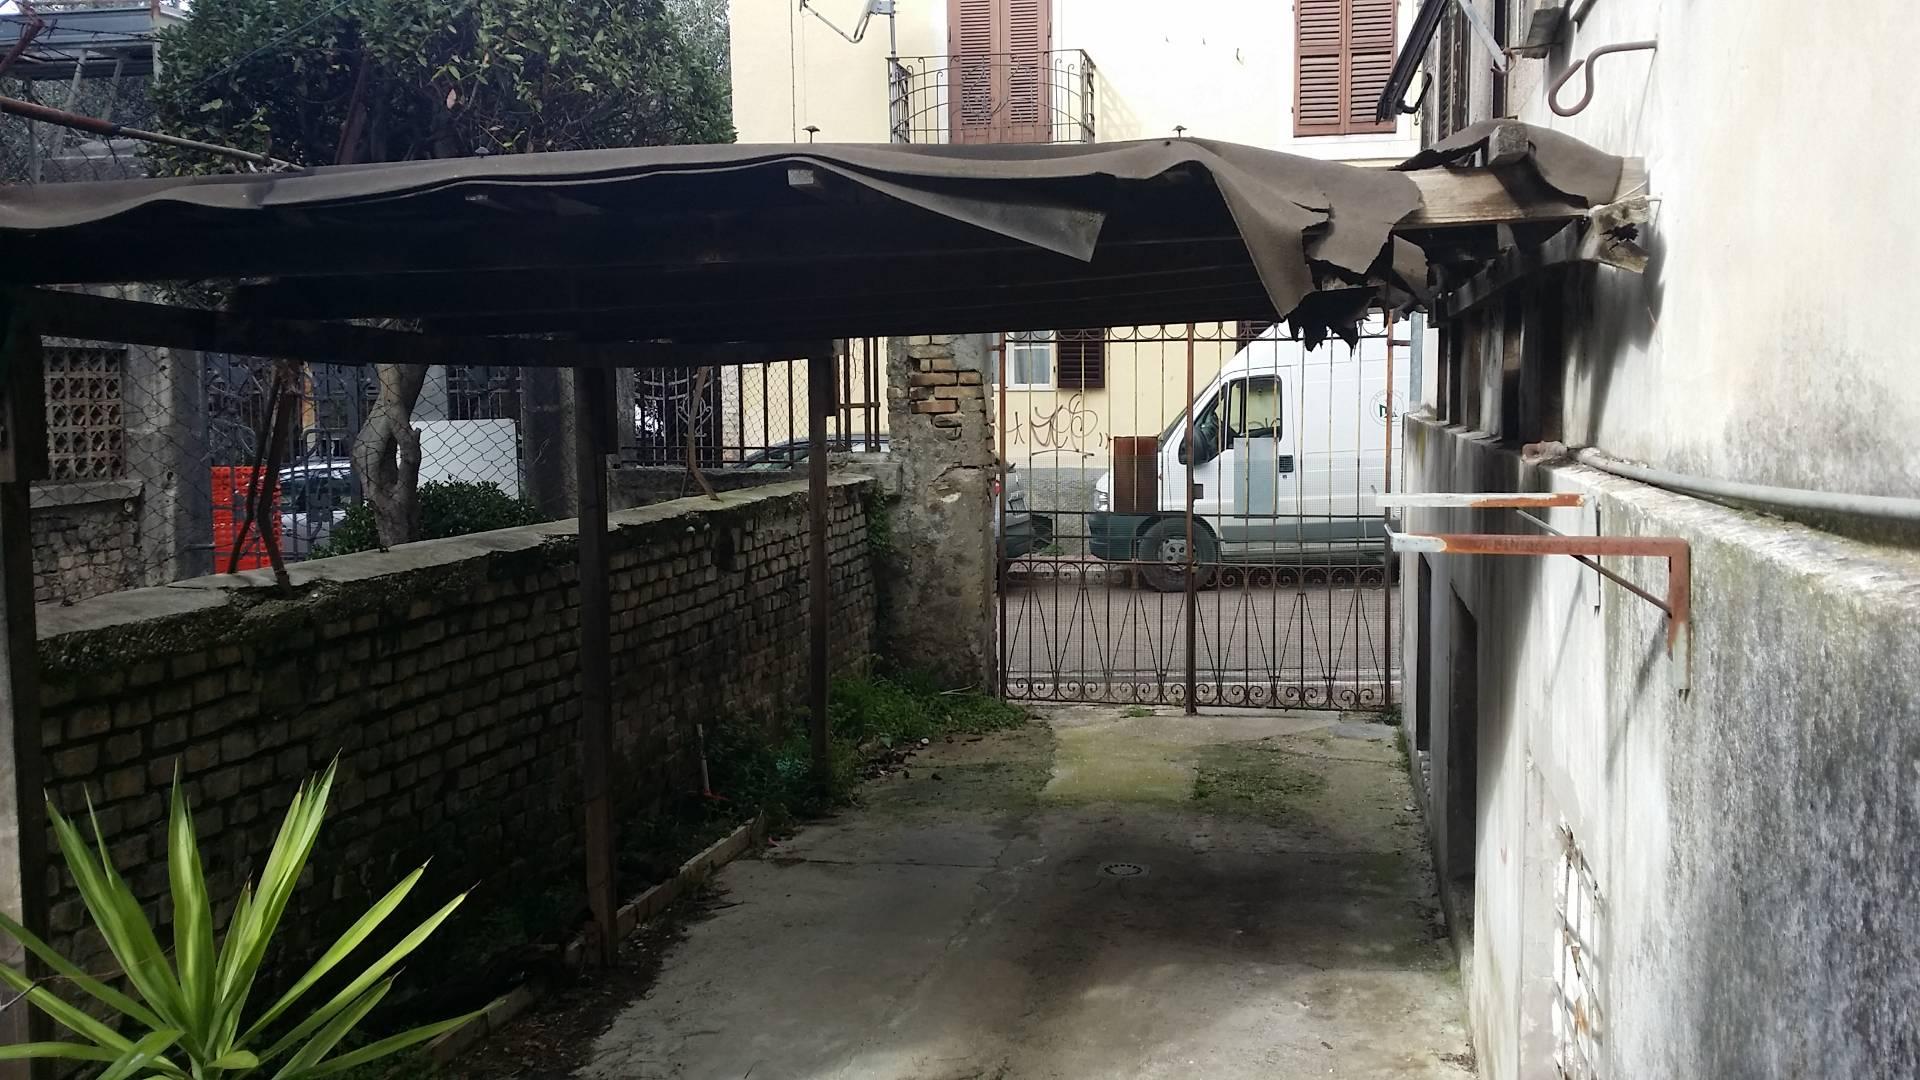 Appartamento in vendita a Ascoli Piceno, 6 locali, zona Località: BorgoSolestà, prezzo € 198.000 | CambioCasa.it